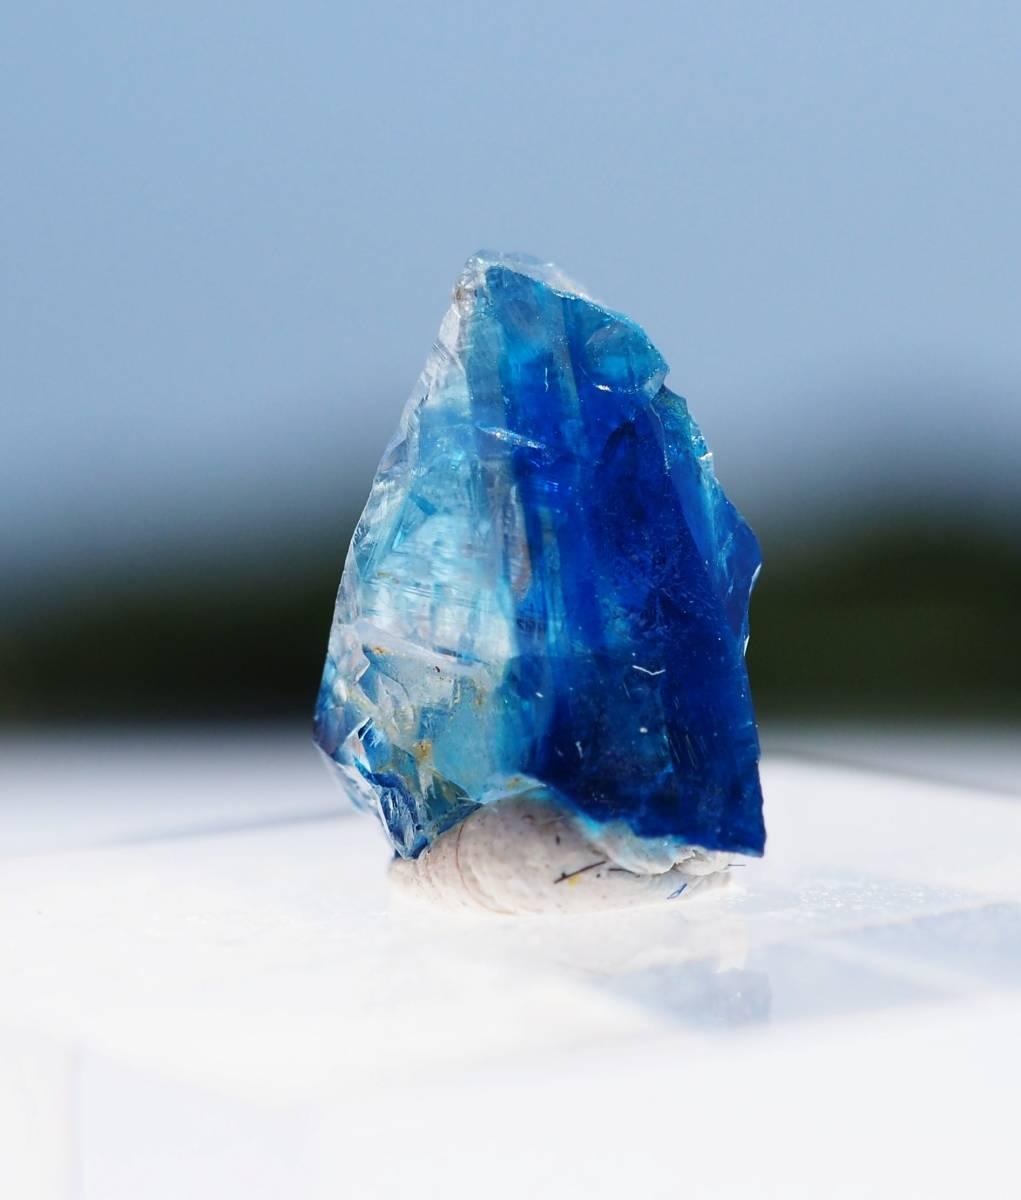 宝石質 ジンバブエ産 ユークレース ハイグレード 深く透明なブルーライン_画像3